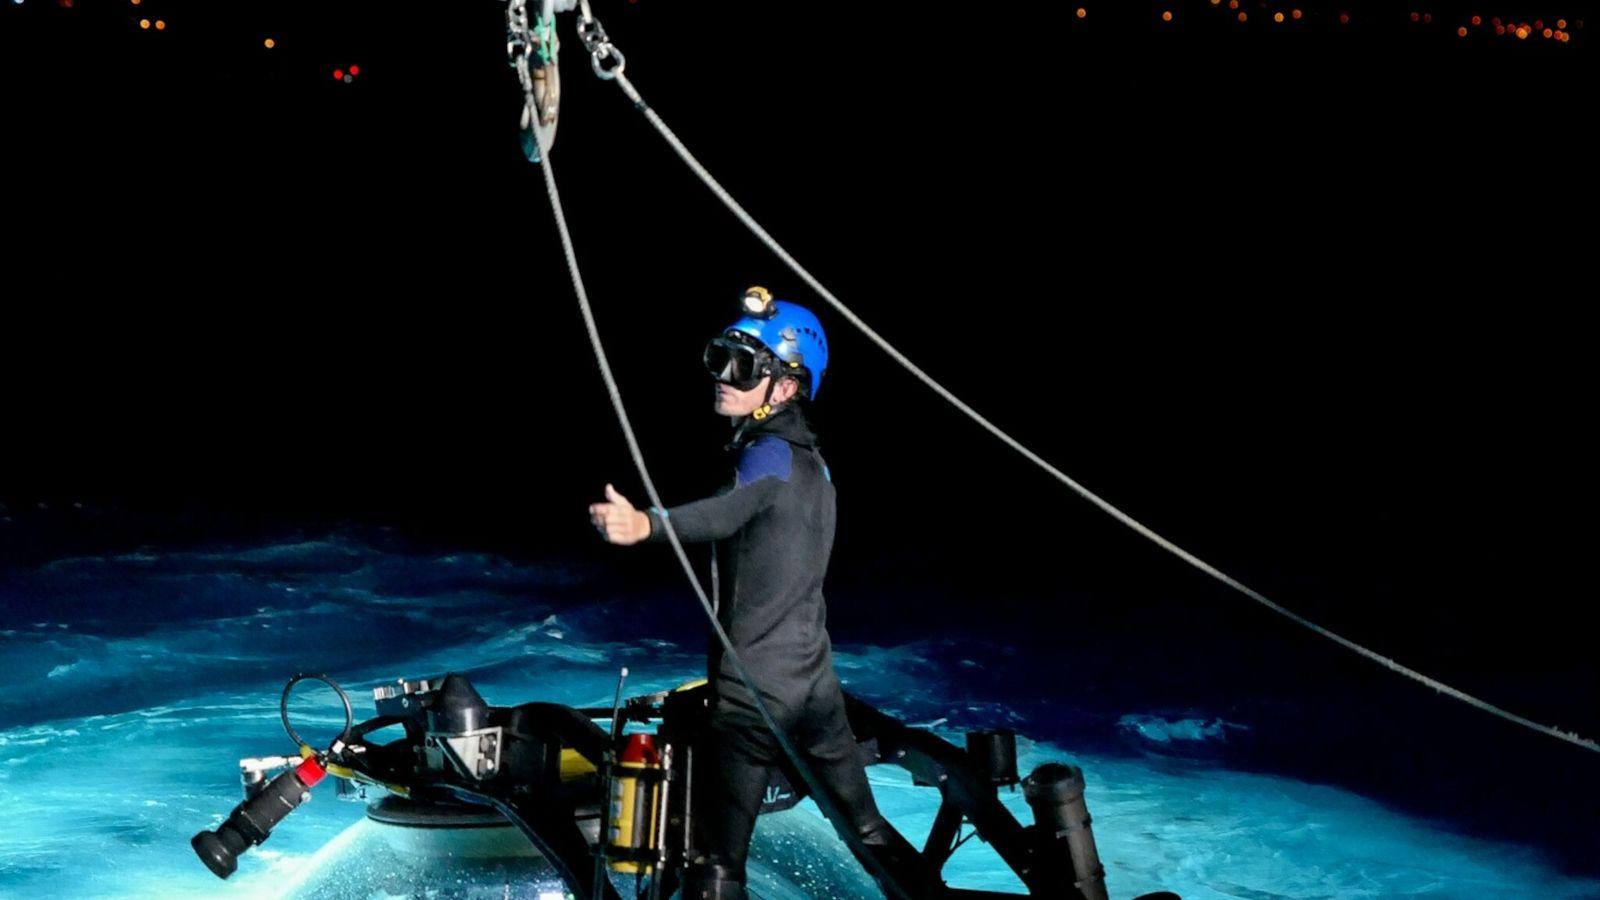 mergulho de pesquisa de tubarões-albafar